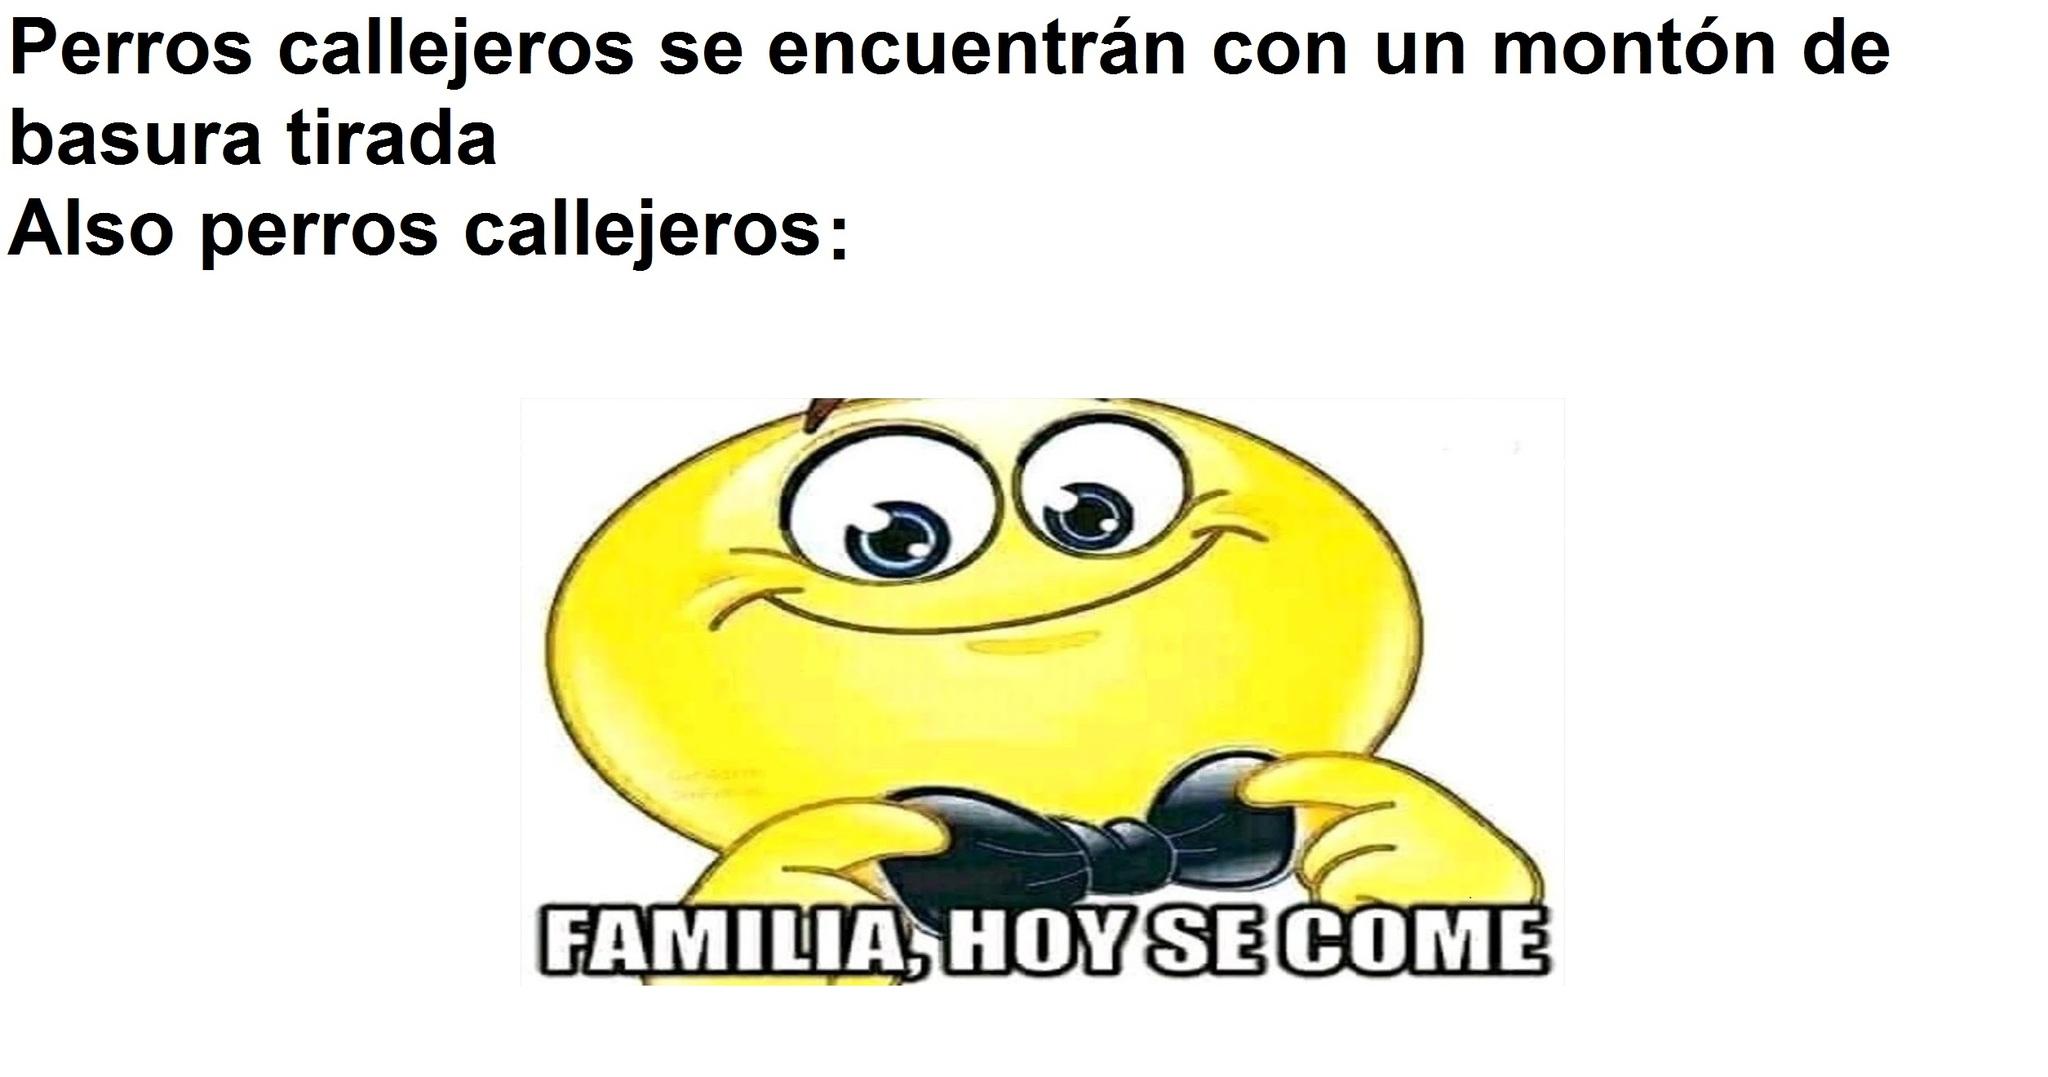 FAMILIA,HOY SE COME - meme